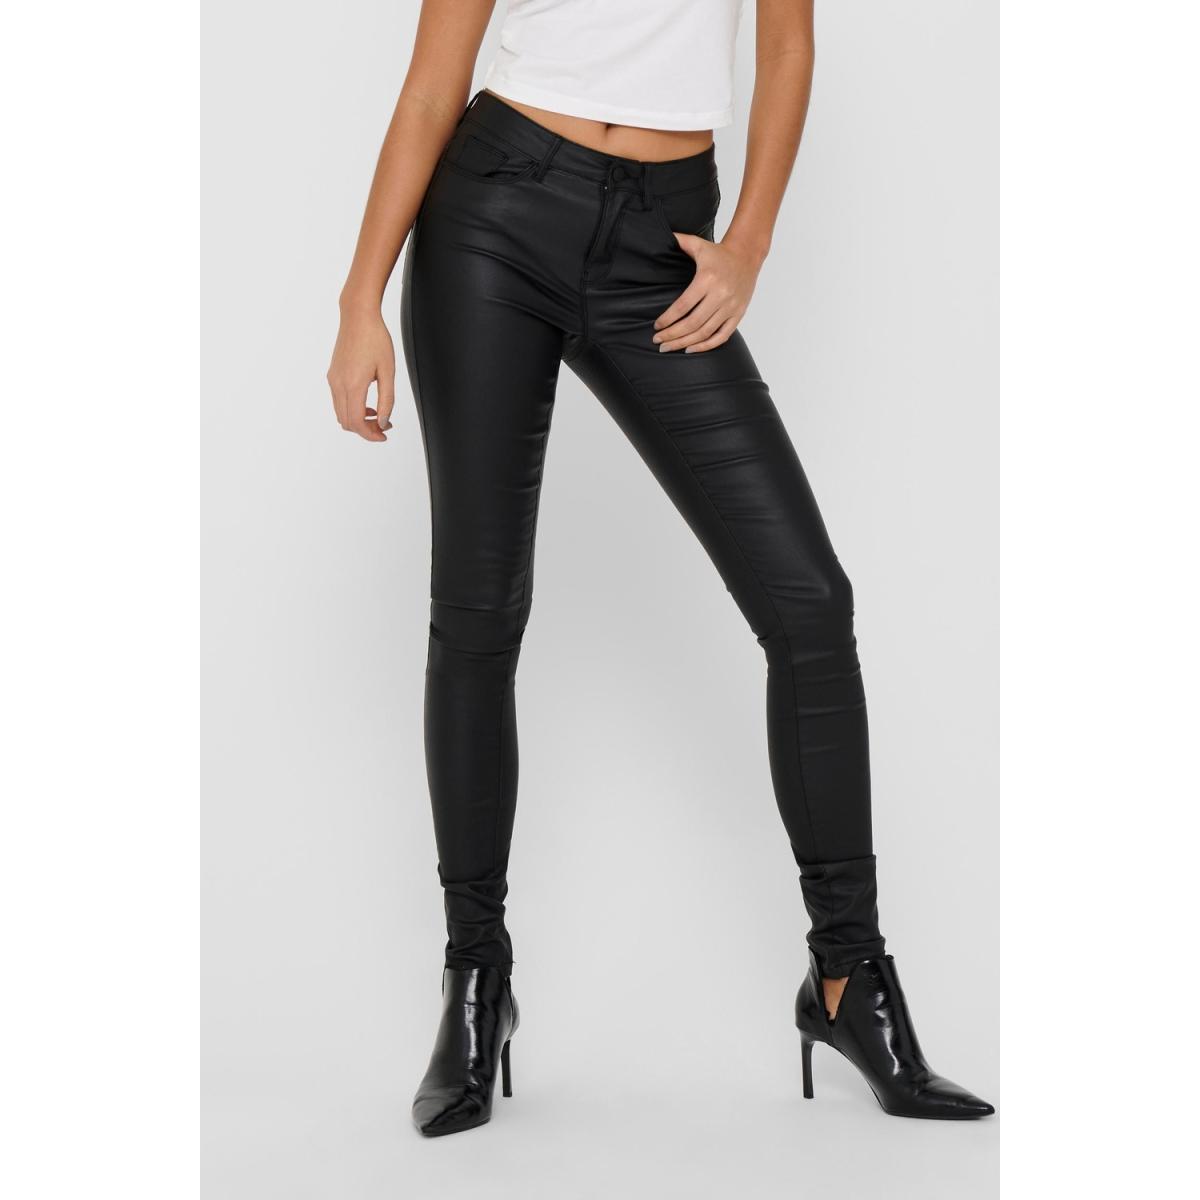 onlanne k mid waist coated jeans noos 15151791 only broek black